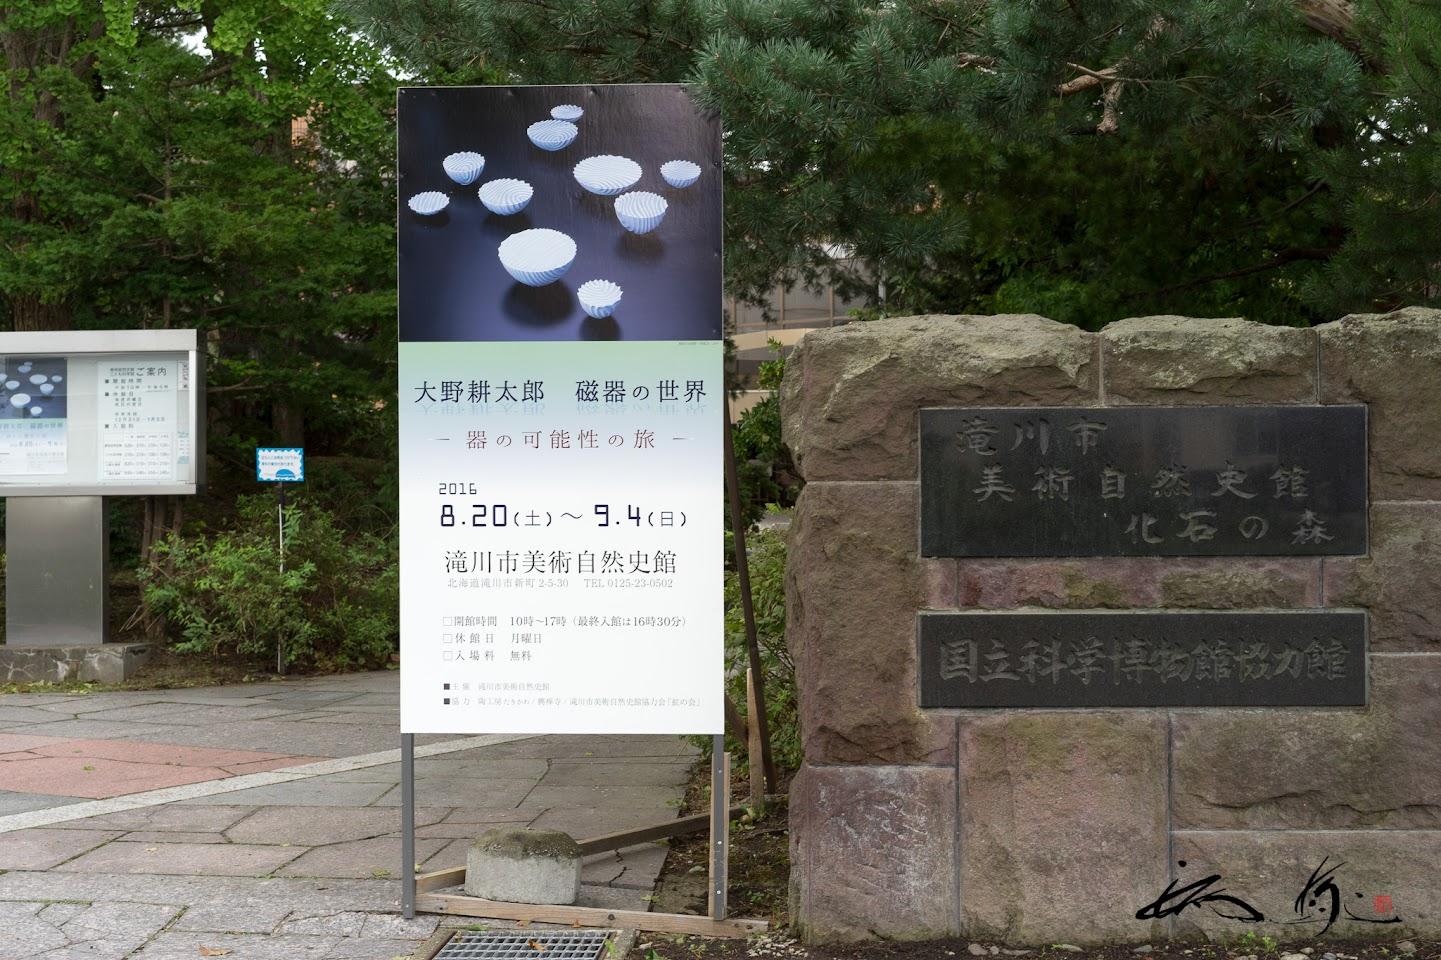 大野耕太郎個展 「磁器の世界〜器の可能性の旅〜」